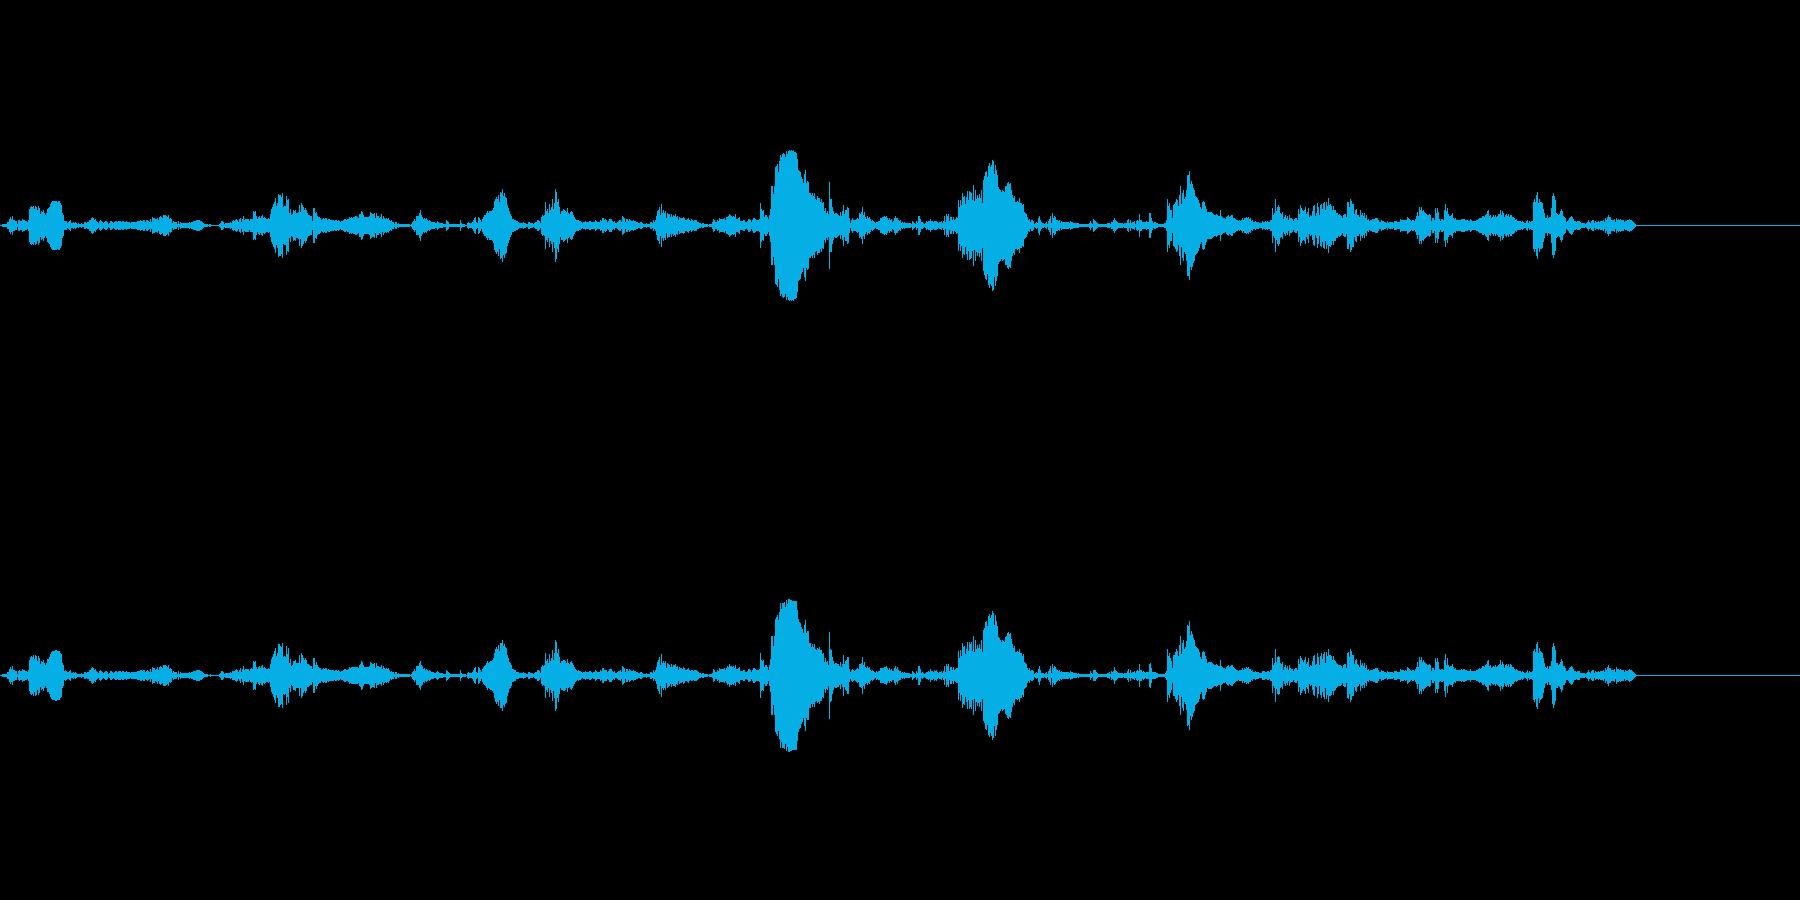 【SE 効果音】泡の音の再生済みの波形